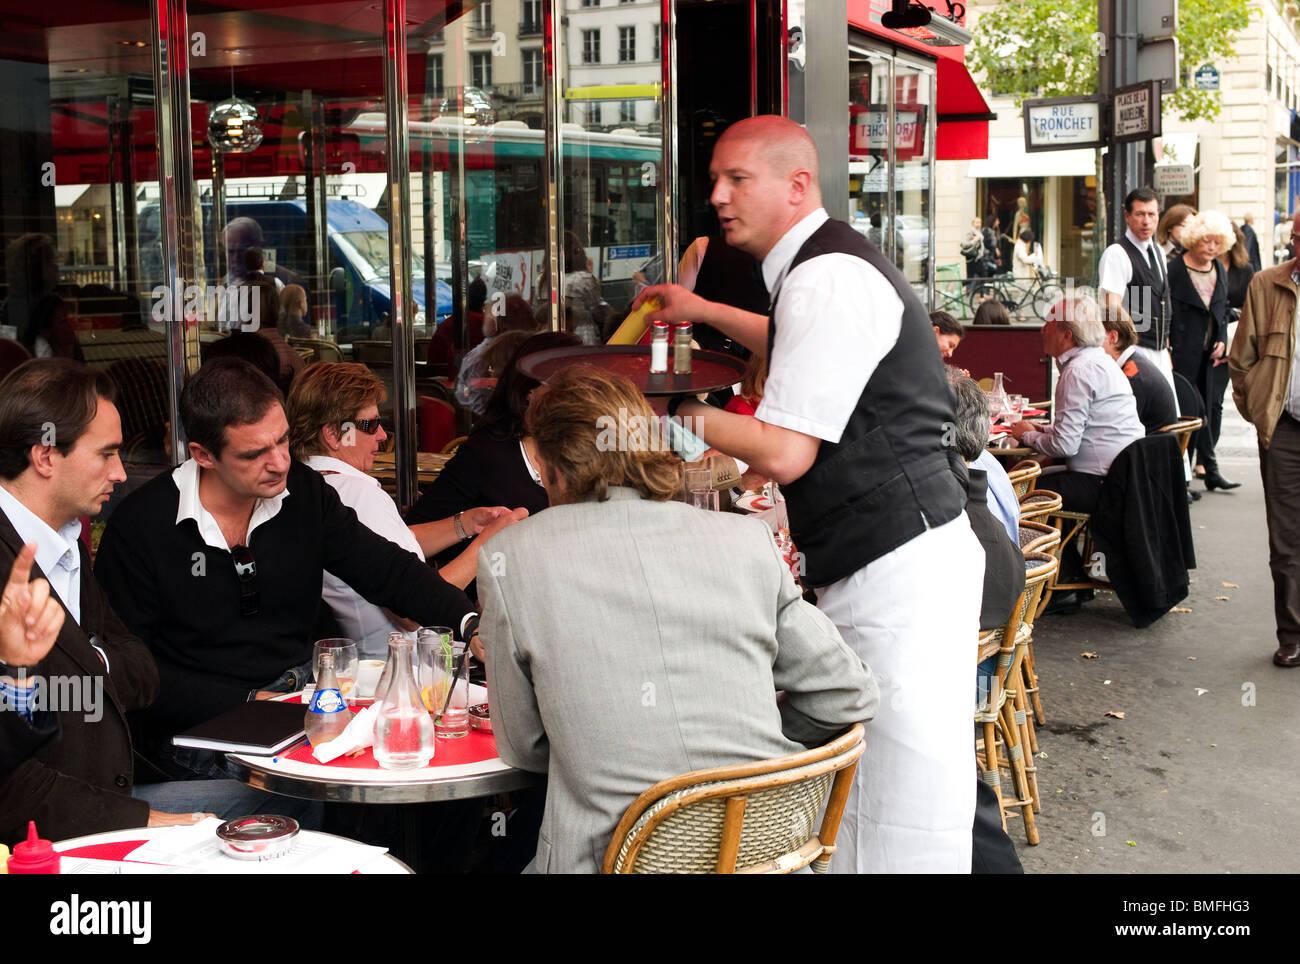 Jude Restaurant Paris